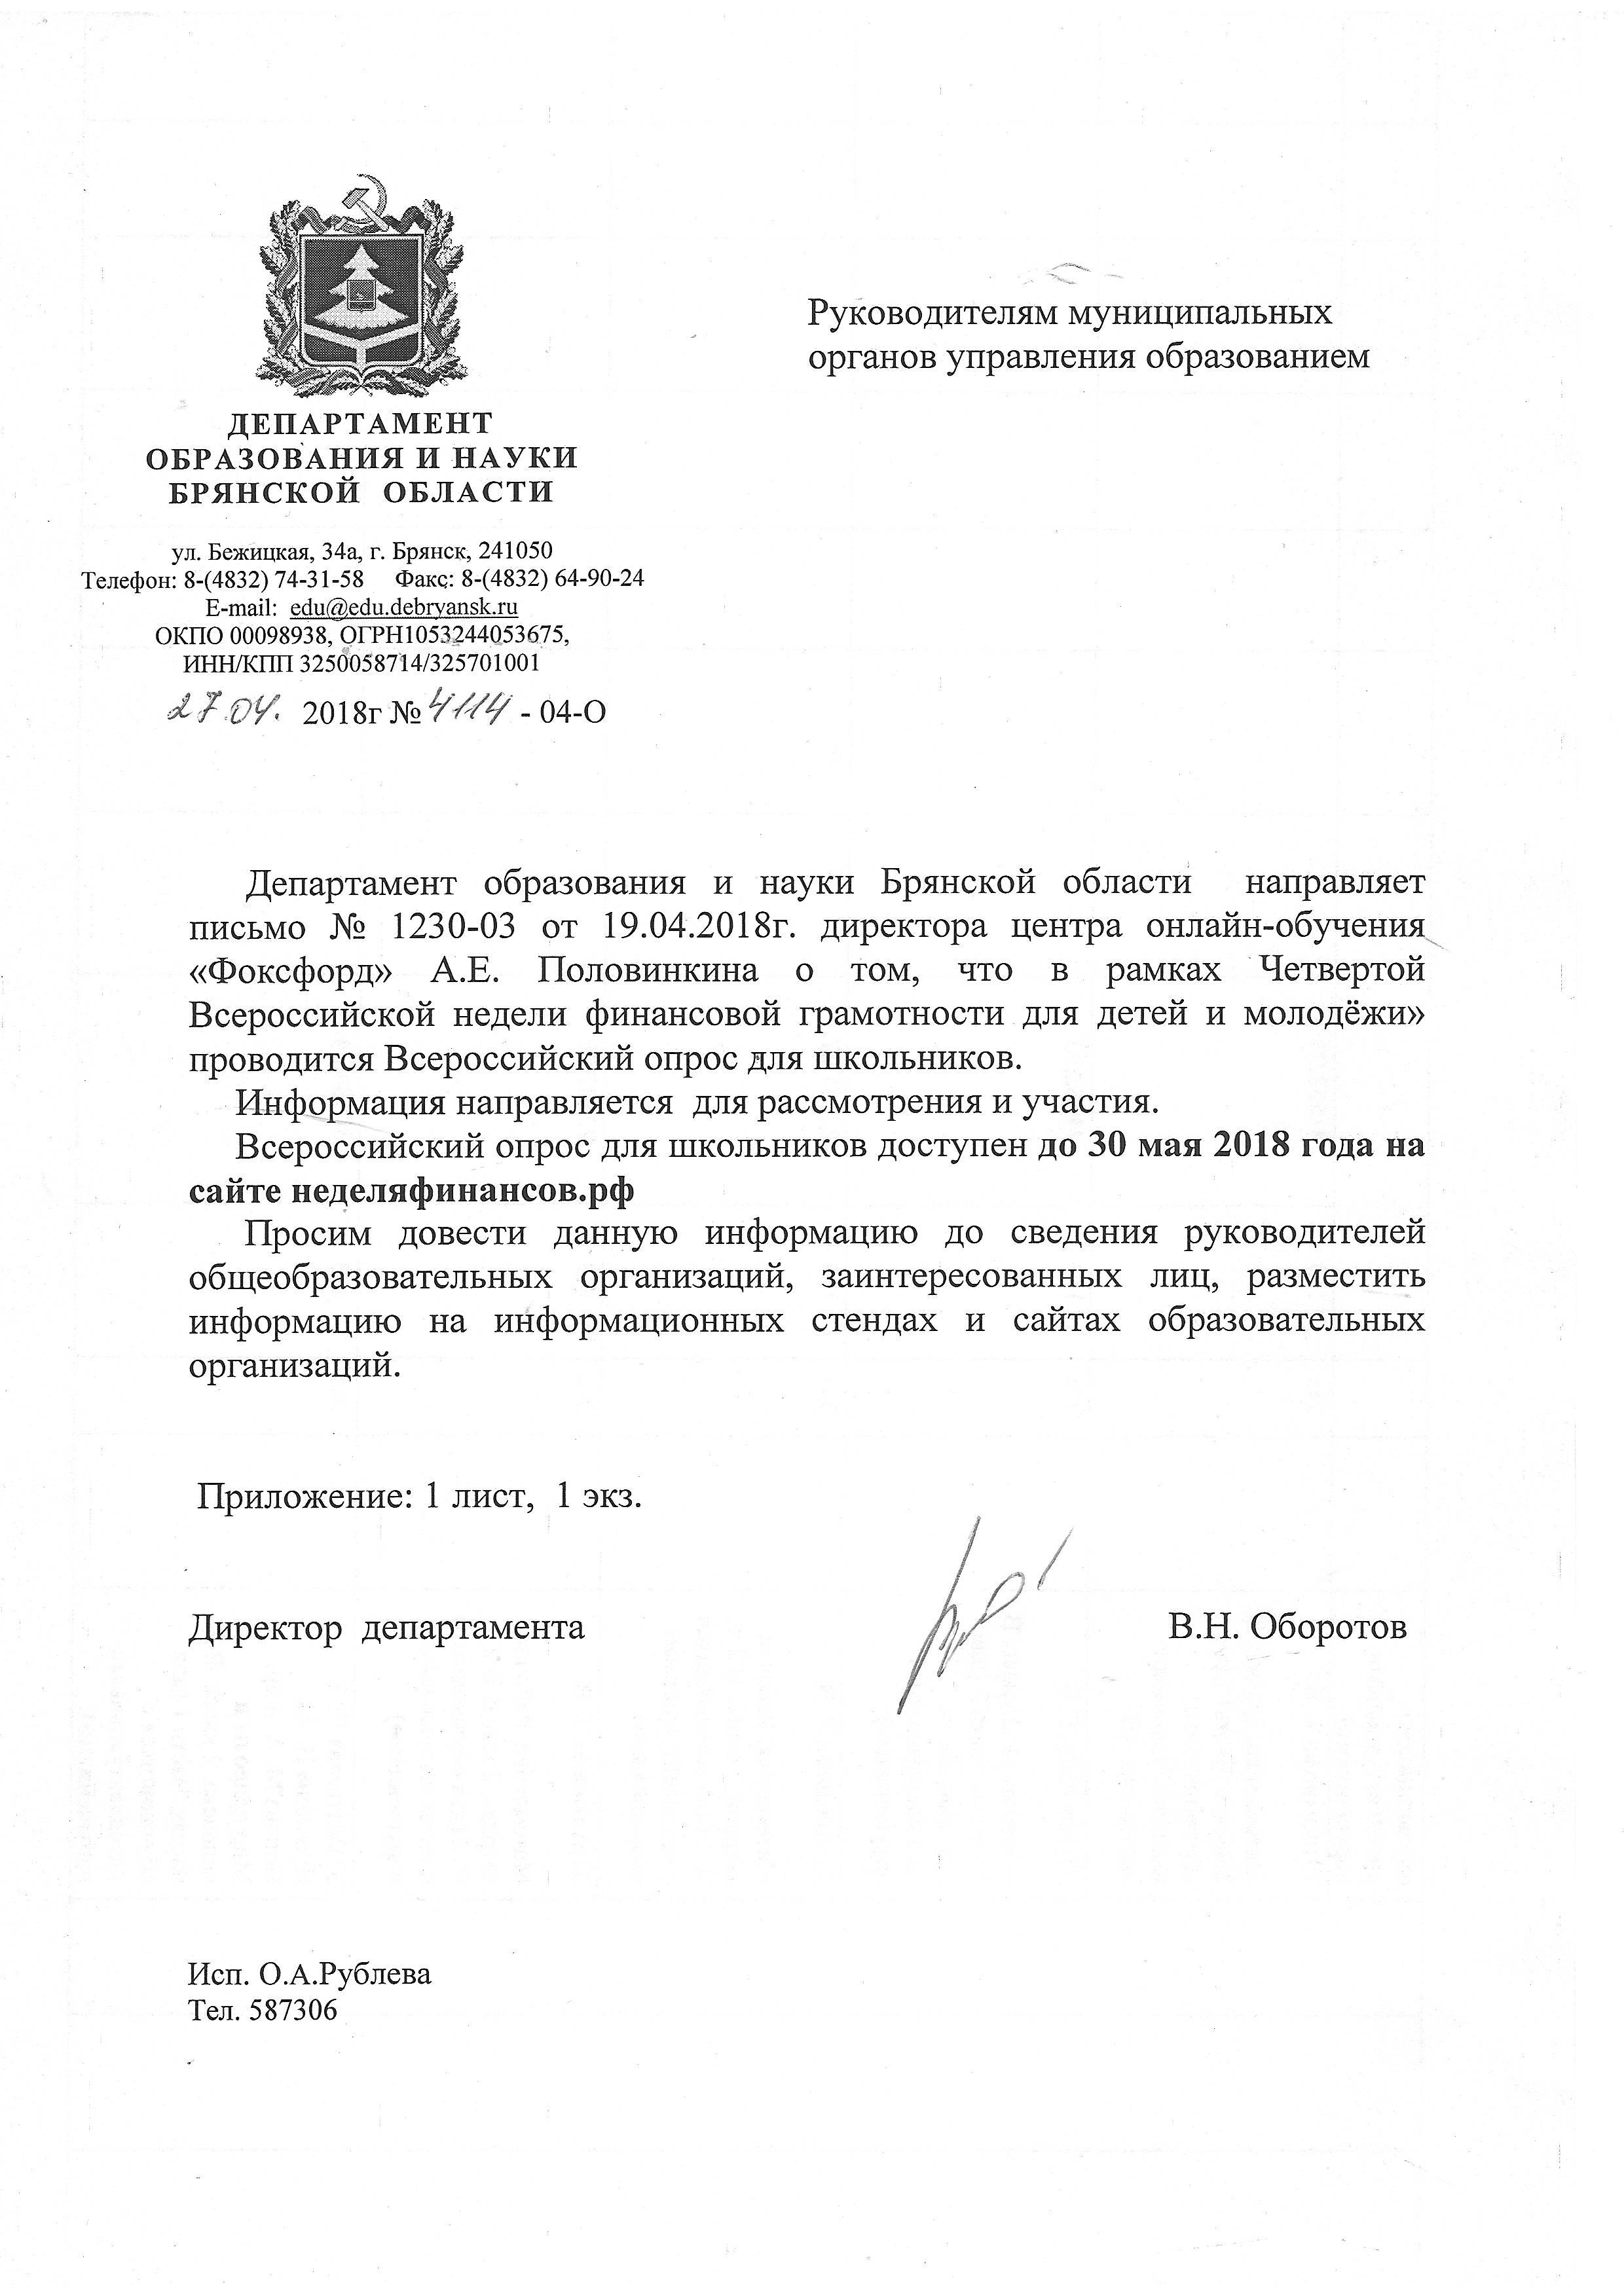 !!! в РОО Фоксфорд - всероссийский опрос по фин. грамотности